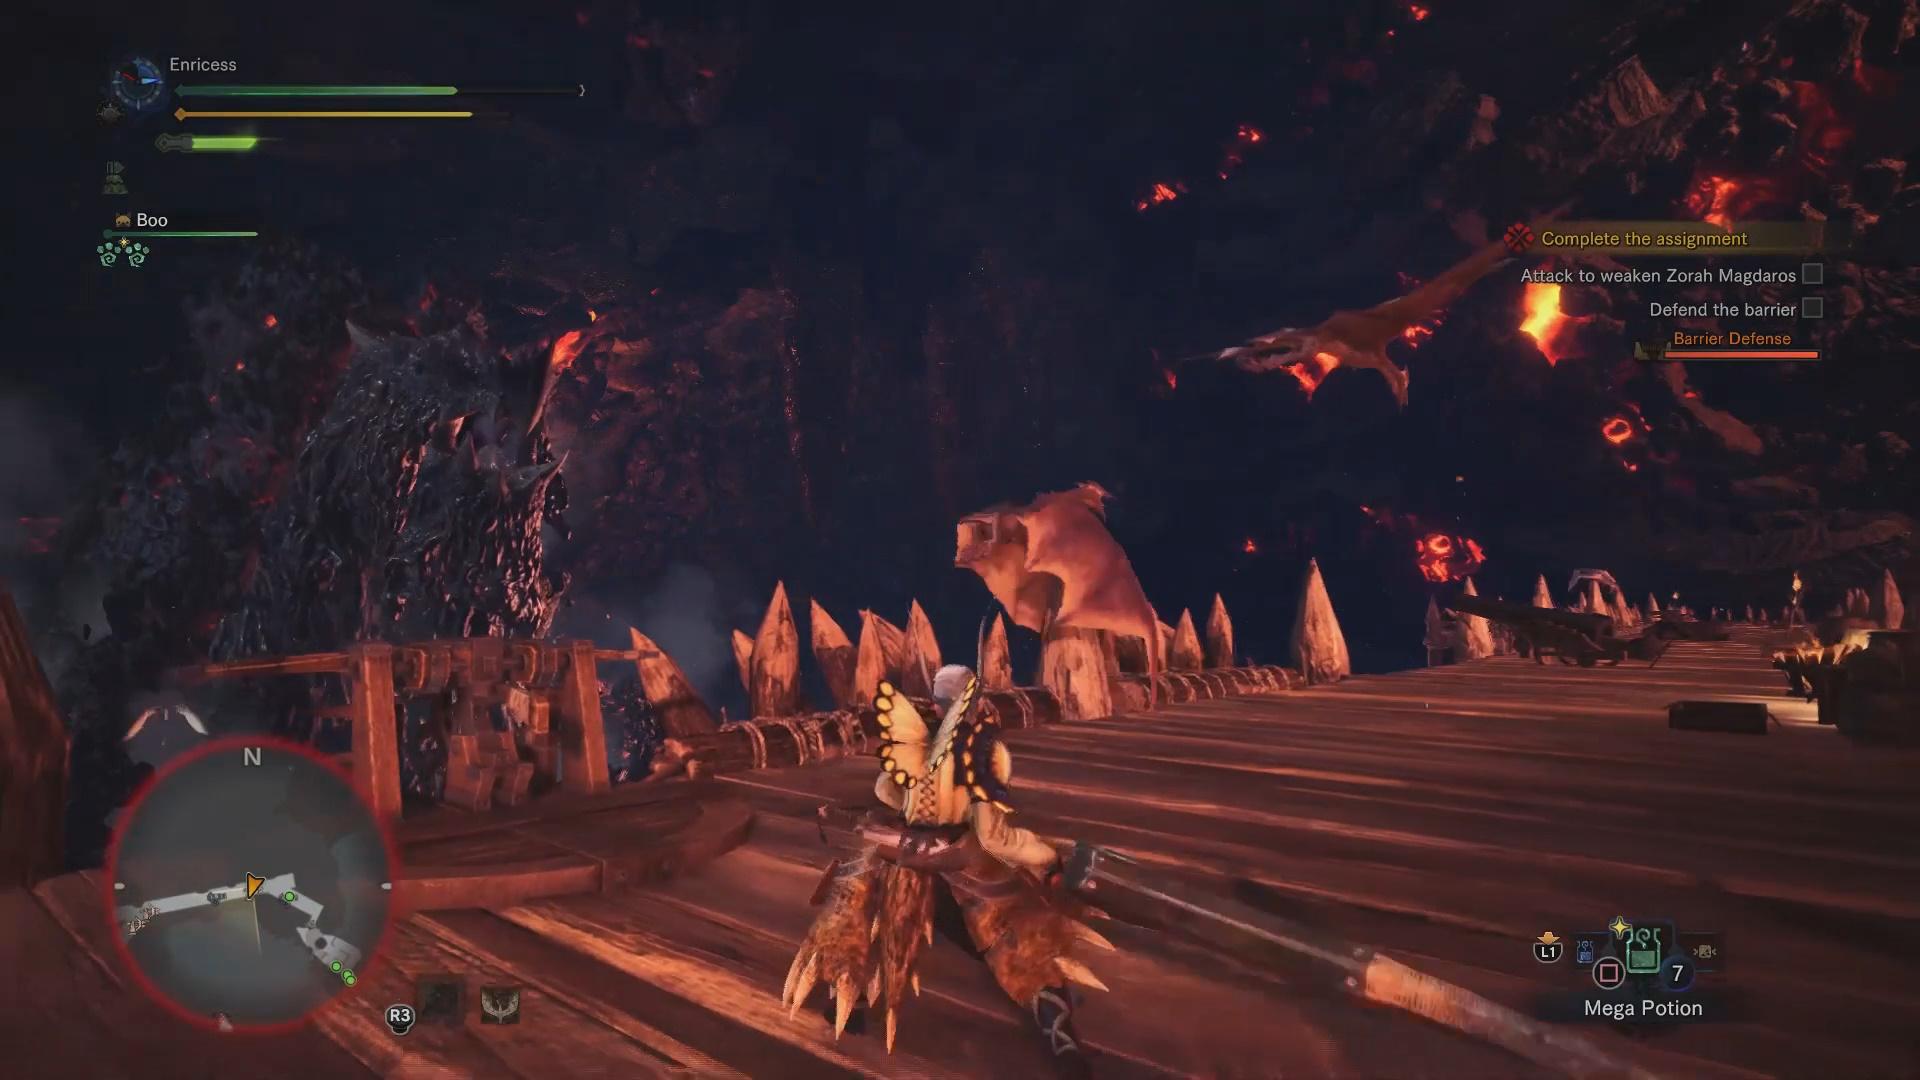 Zorah Magdaros Guide: Monster Weakness, Carves & Rewards, Armor Sets